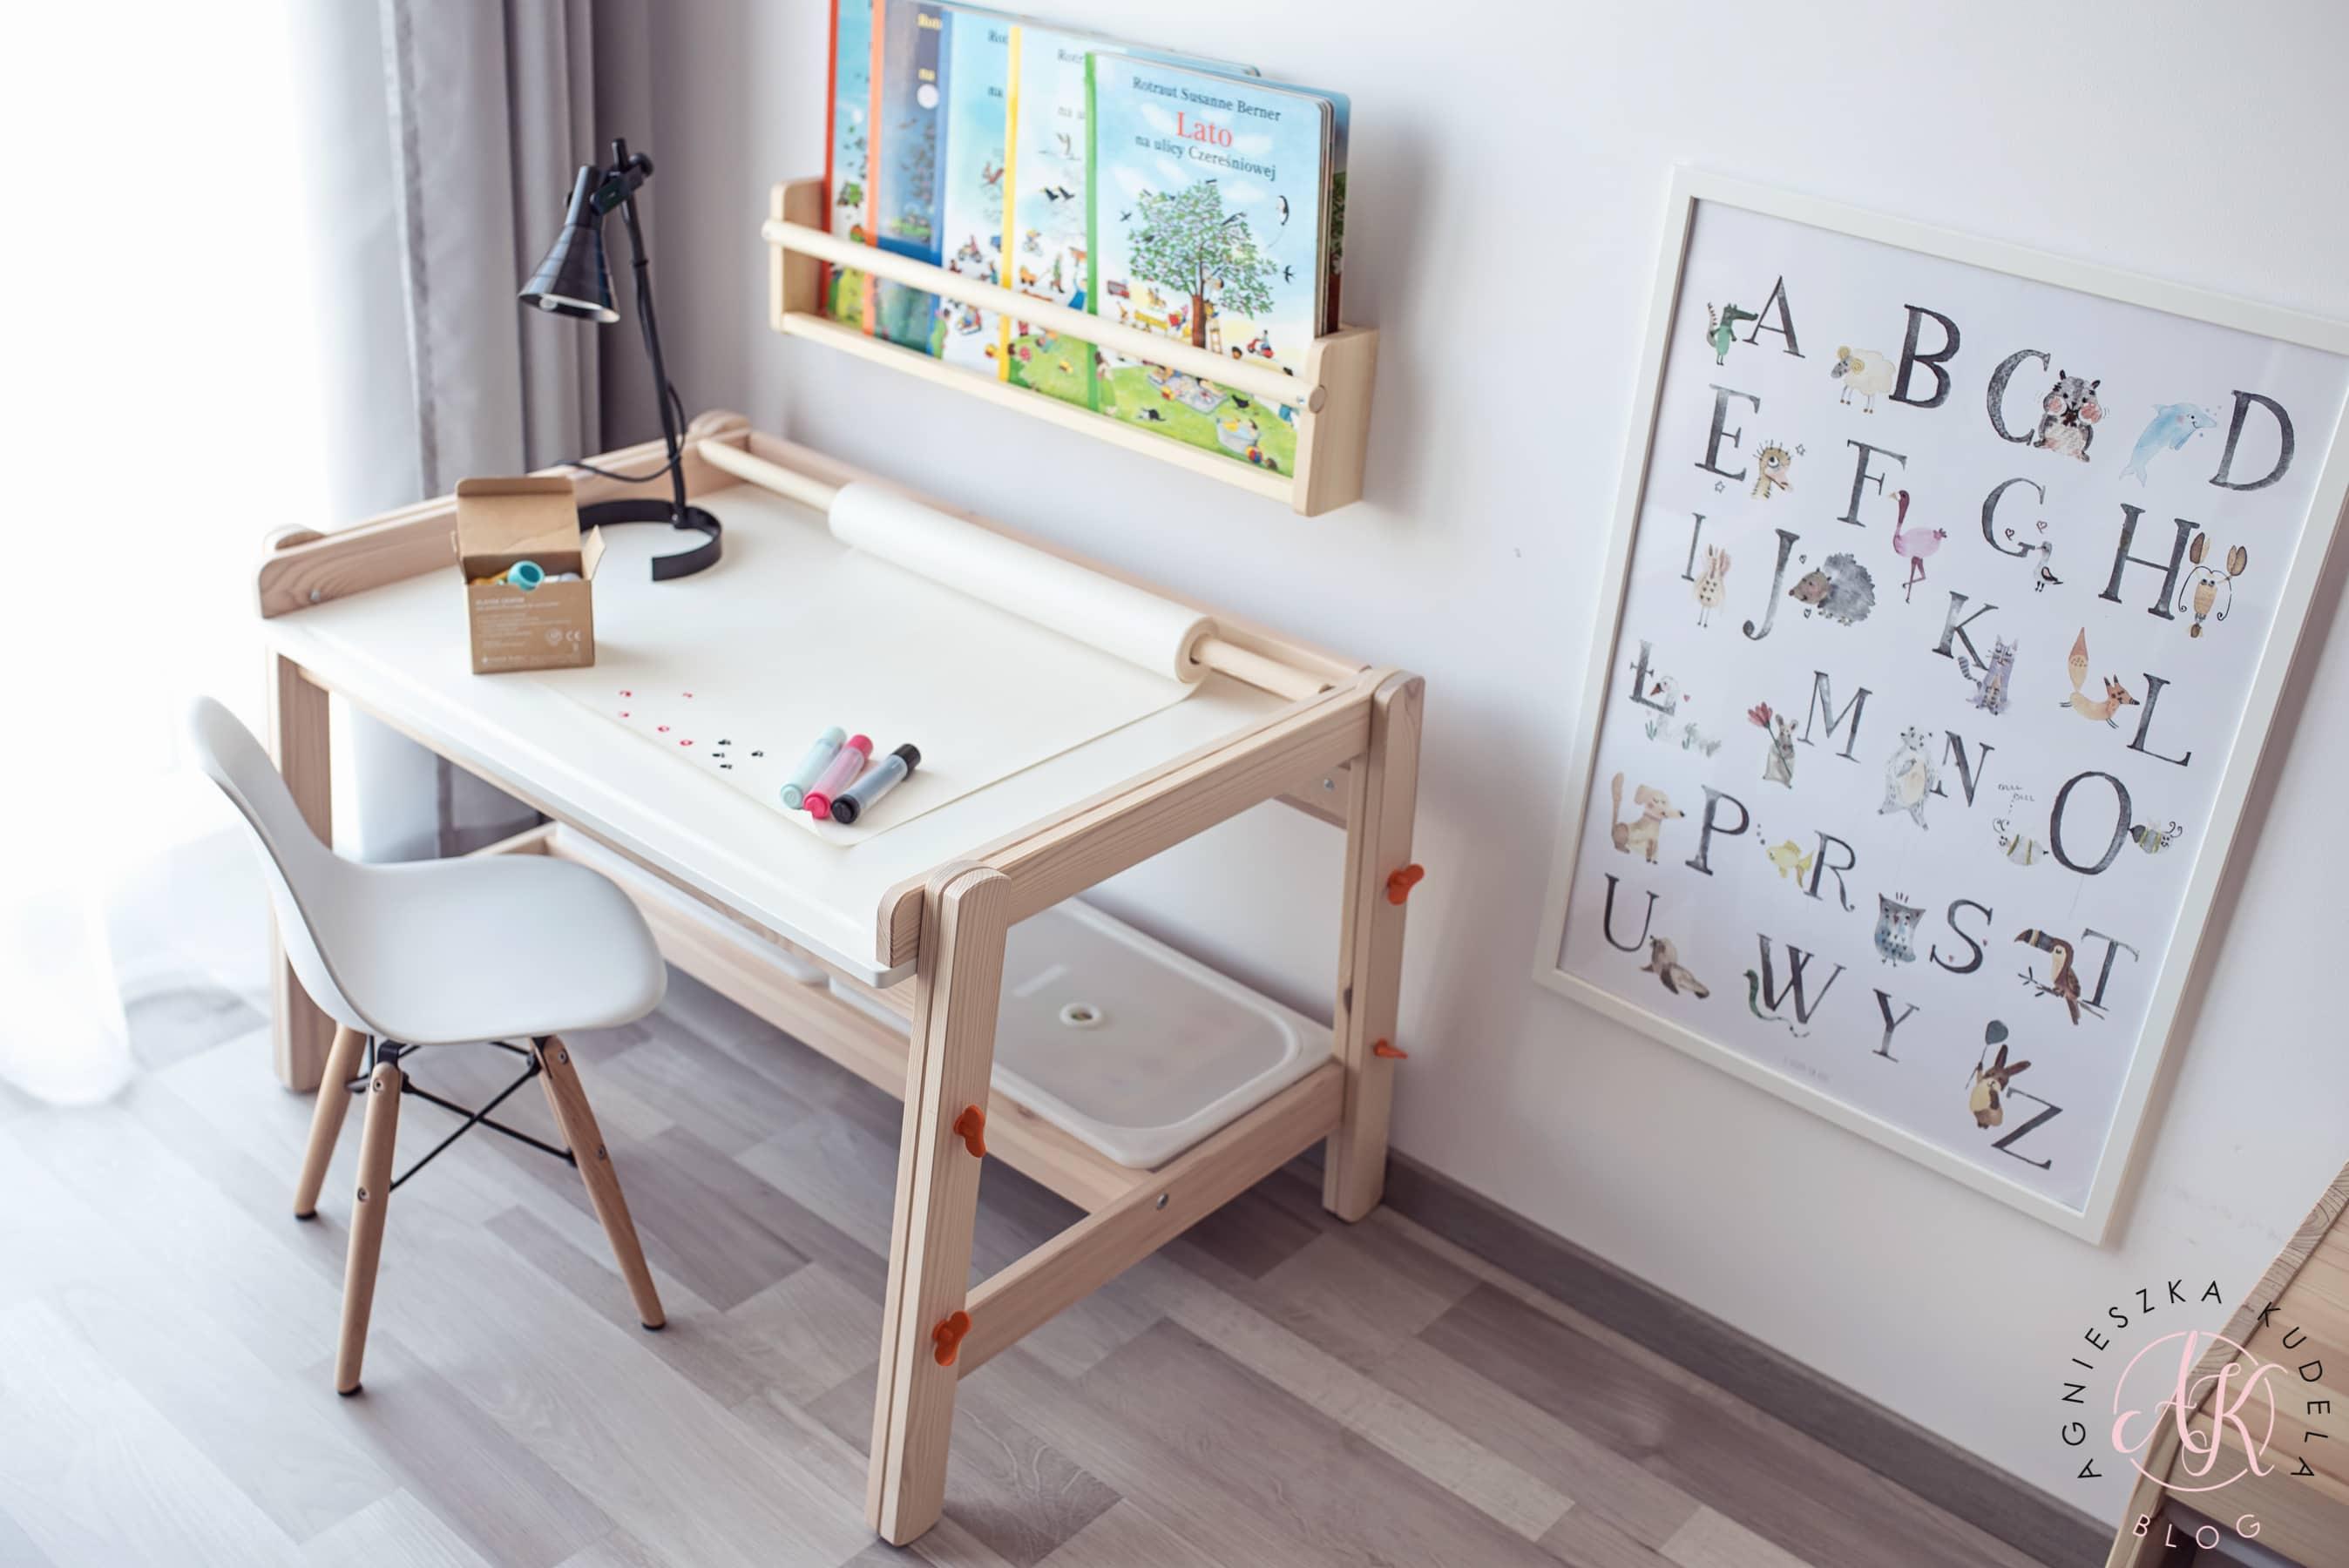 pokój dziecięcy krzesełko regulowana wysokość